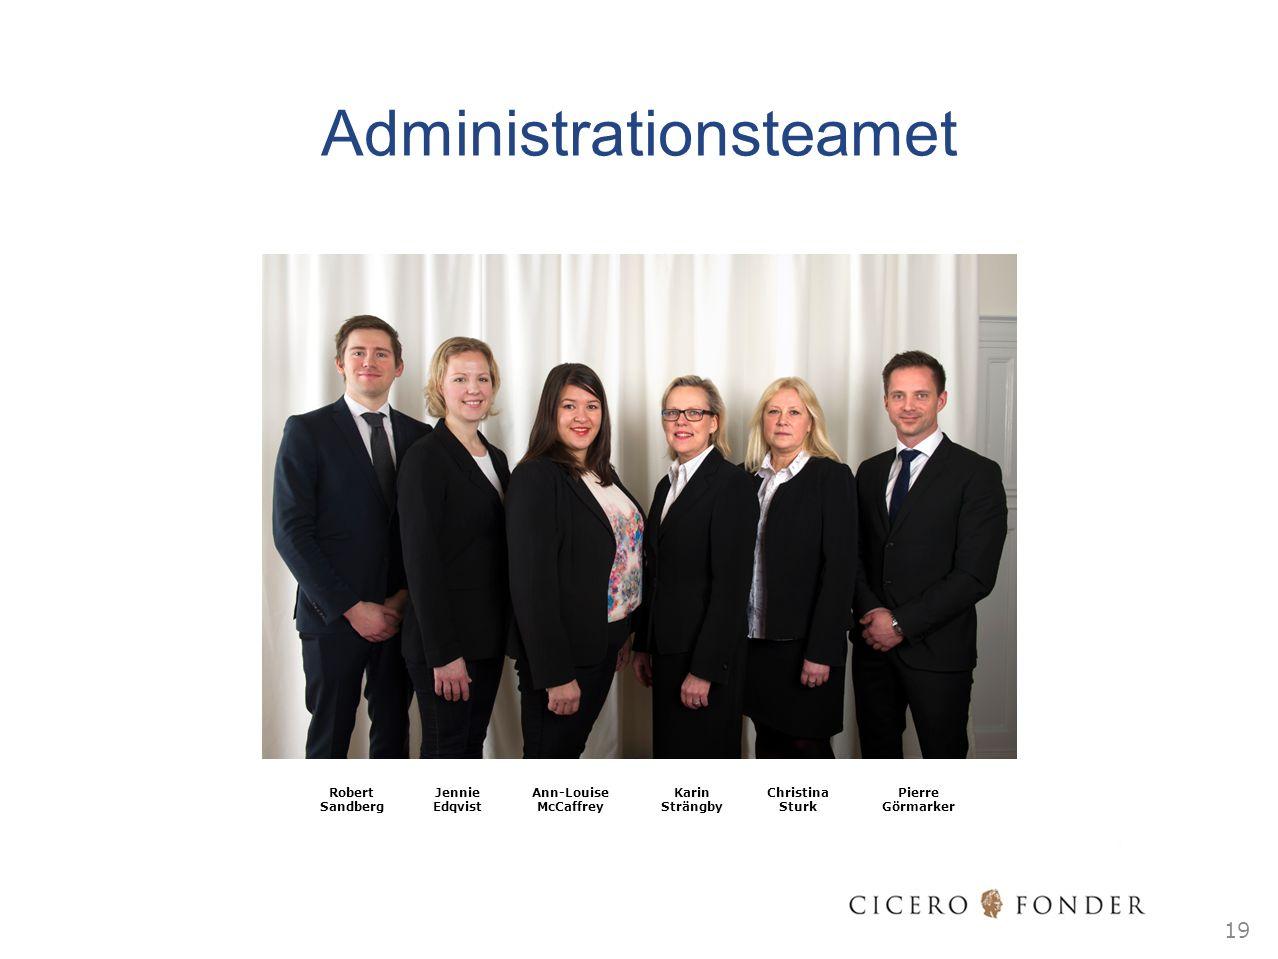 Administrationsteamet